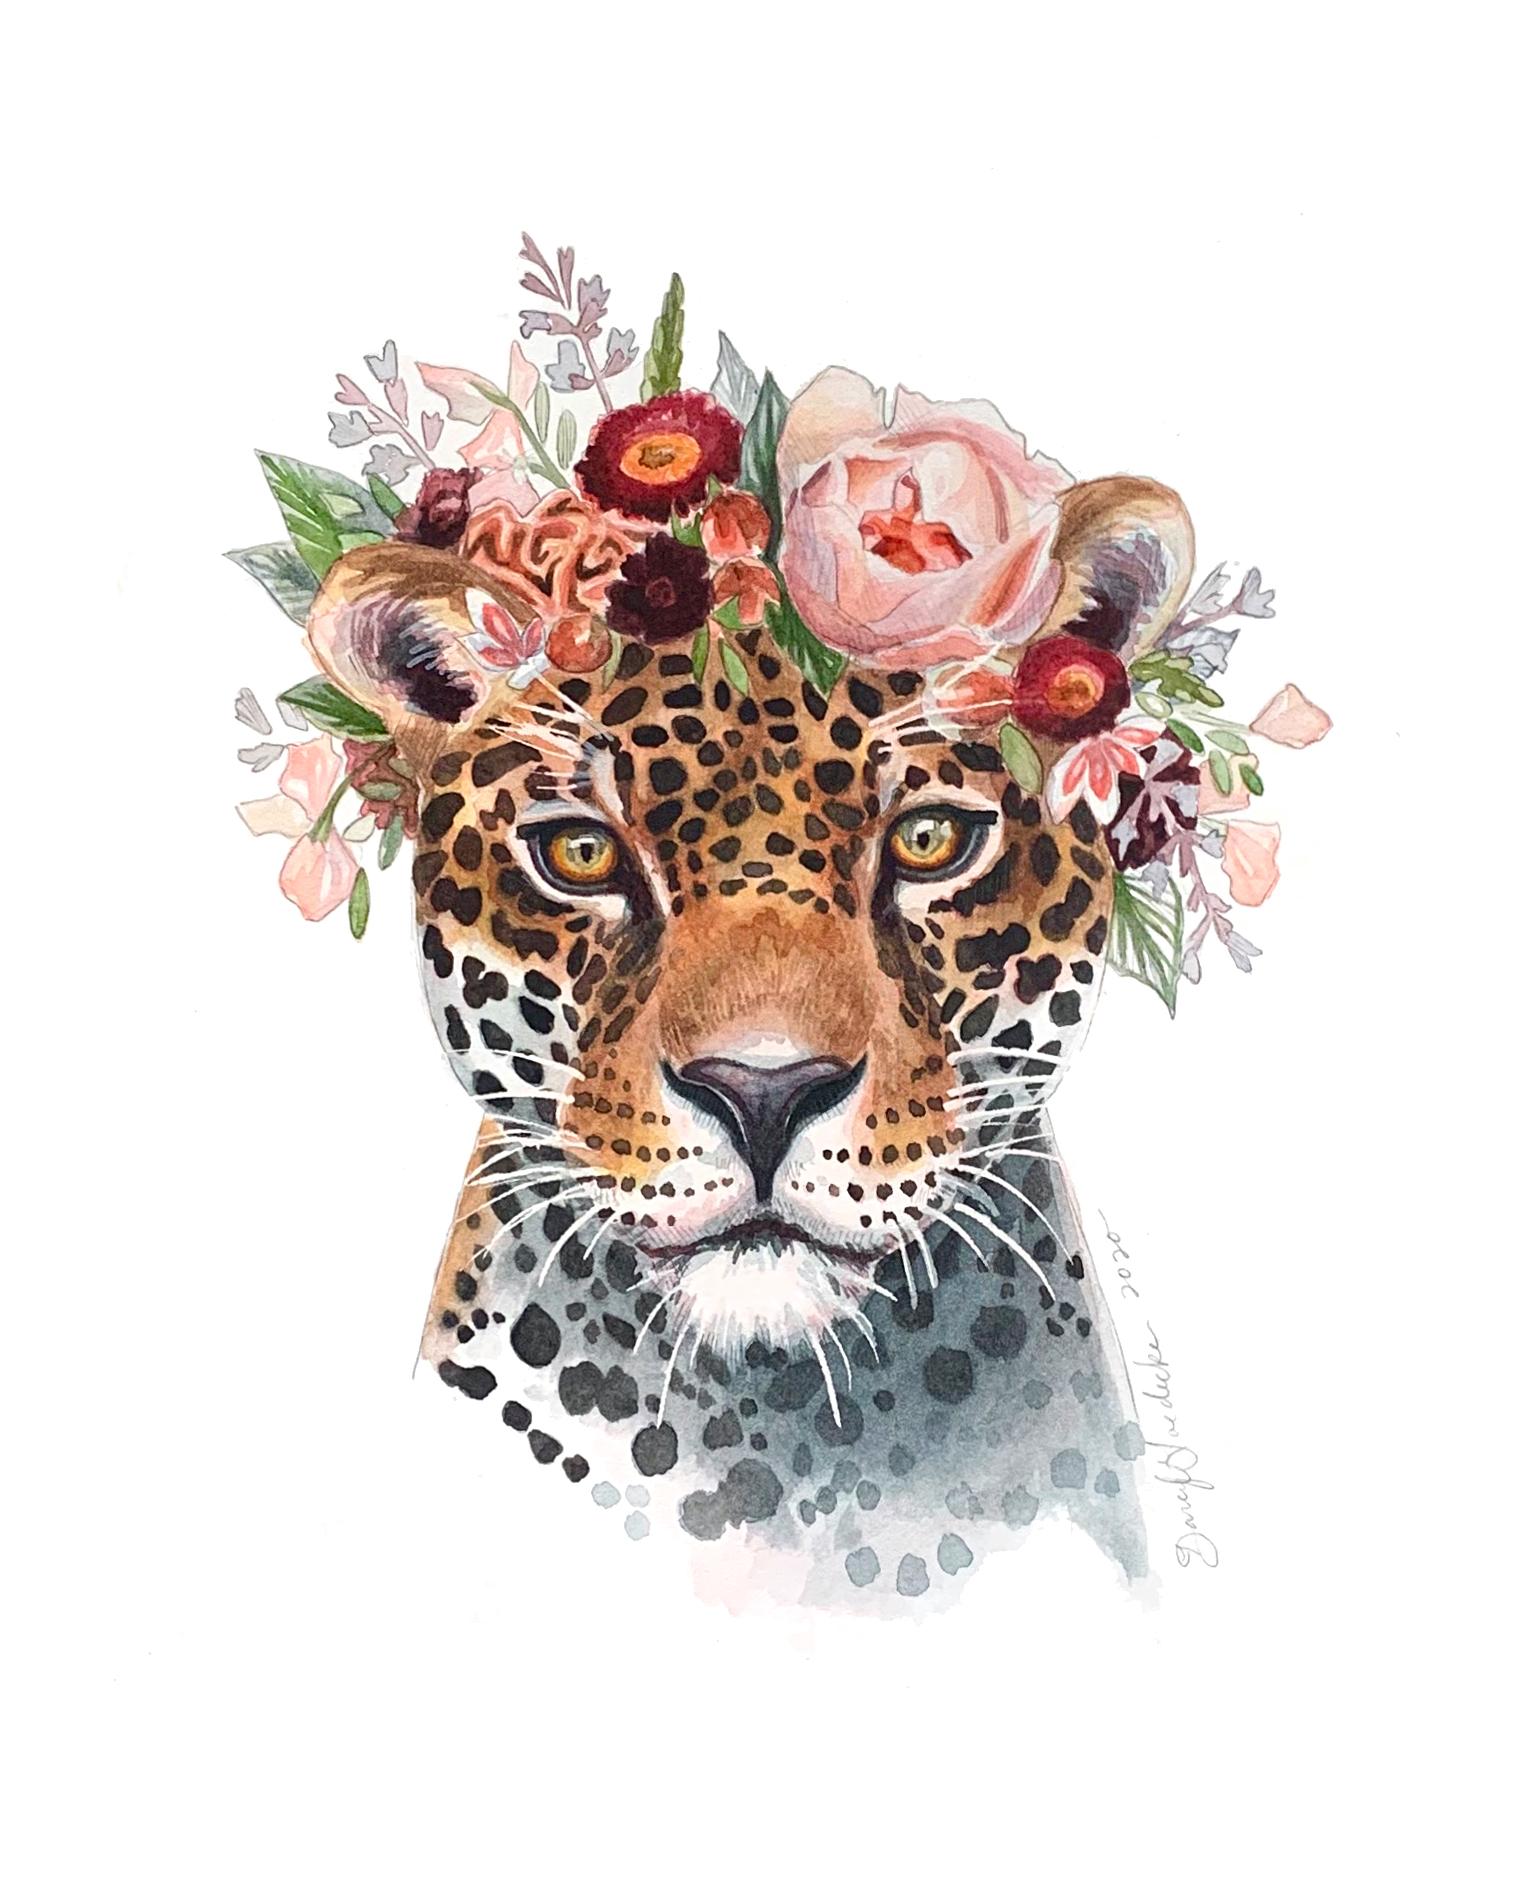 Lady Jaguar by Darcy Goedecke